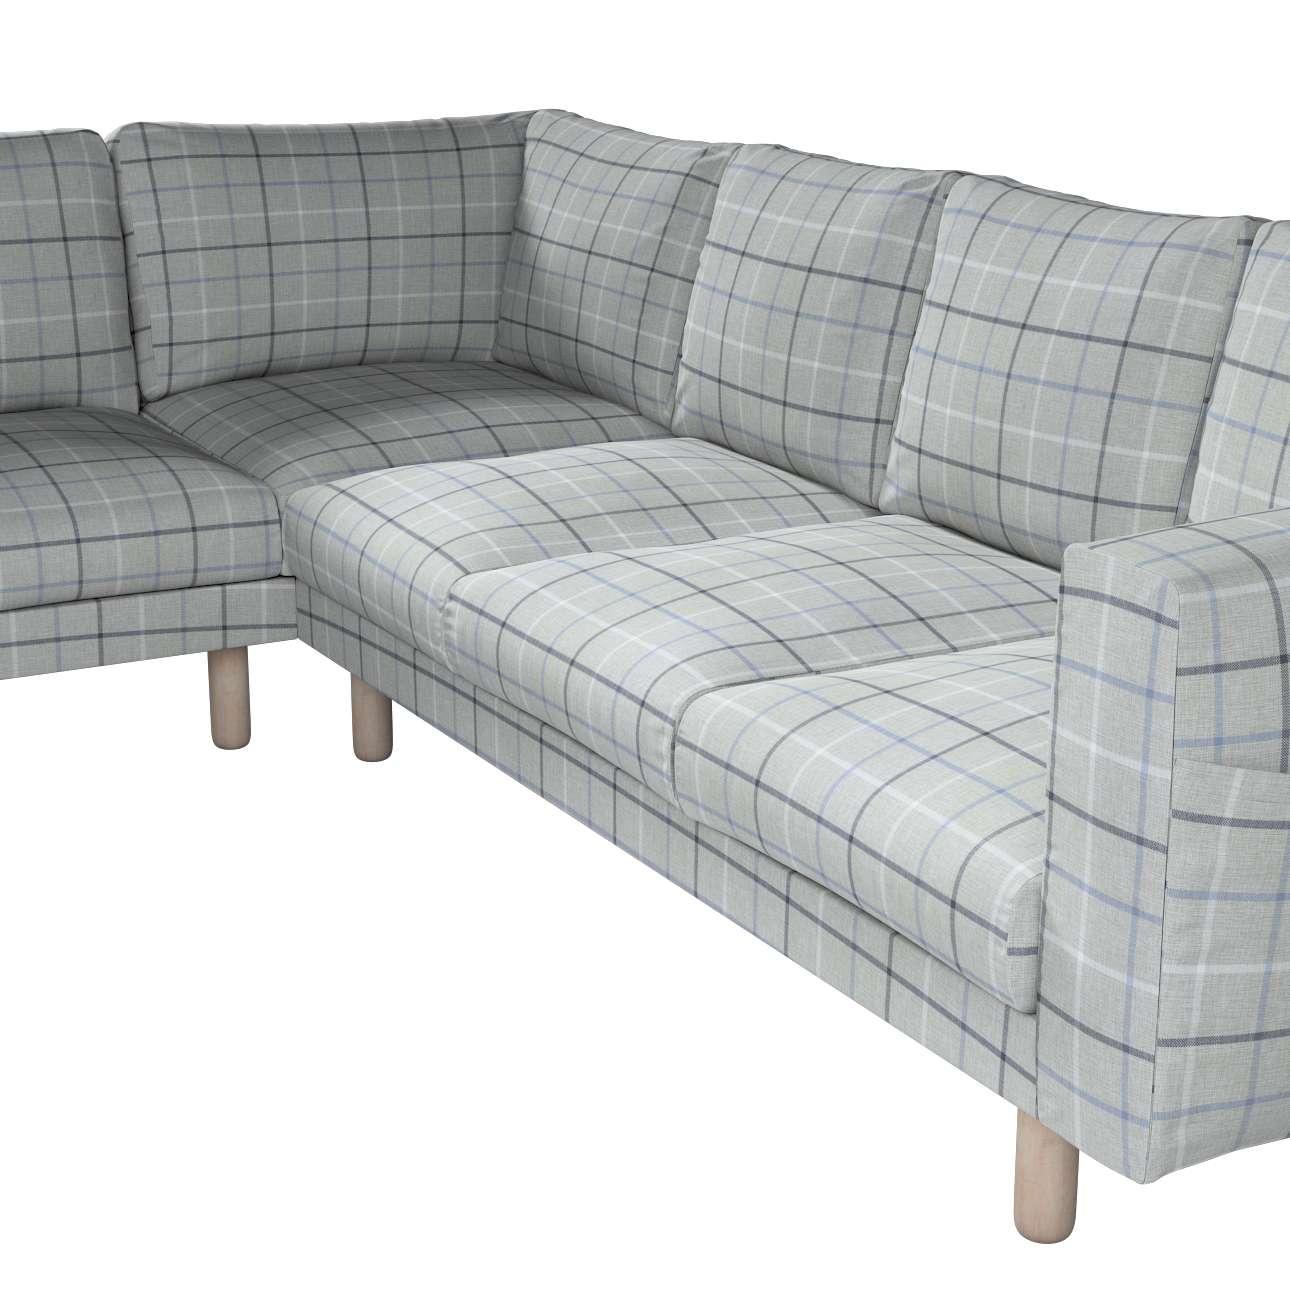 Pokrowiec na sofę narożną Norsborg 5-osobową w kolekcji Edinburgh, tkanina: 703-18